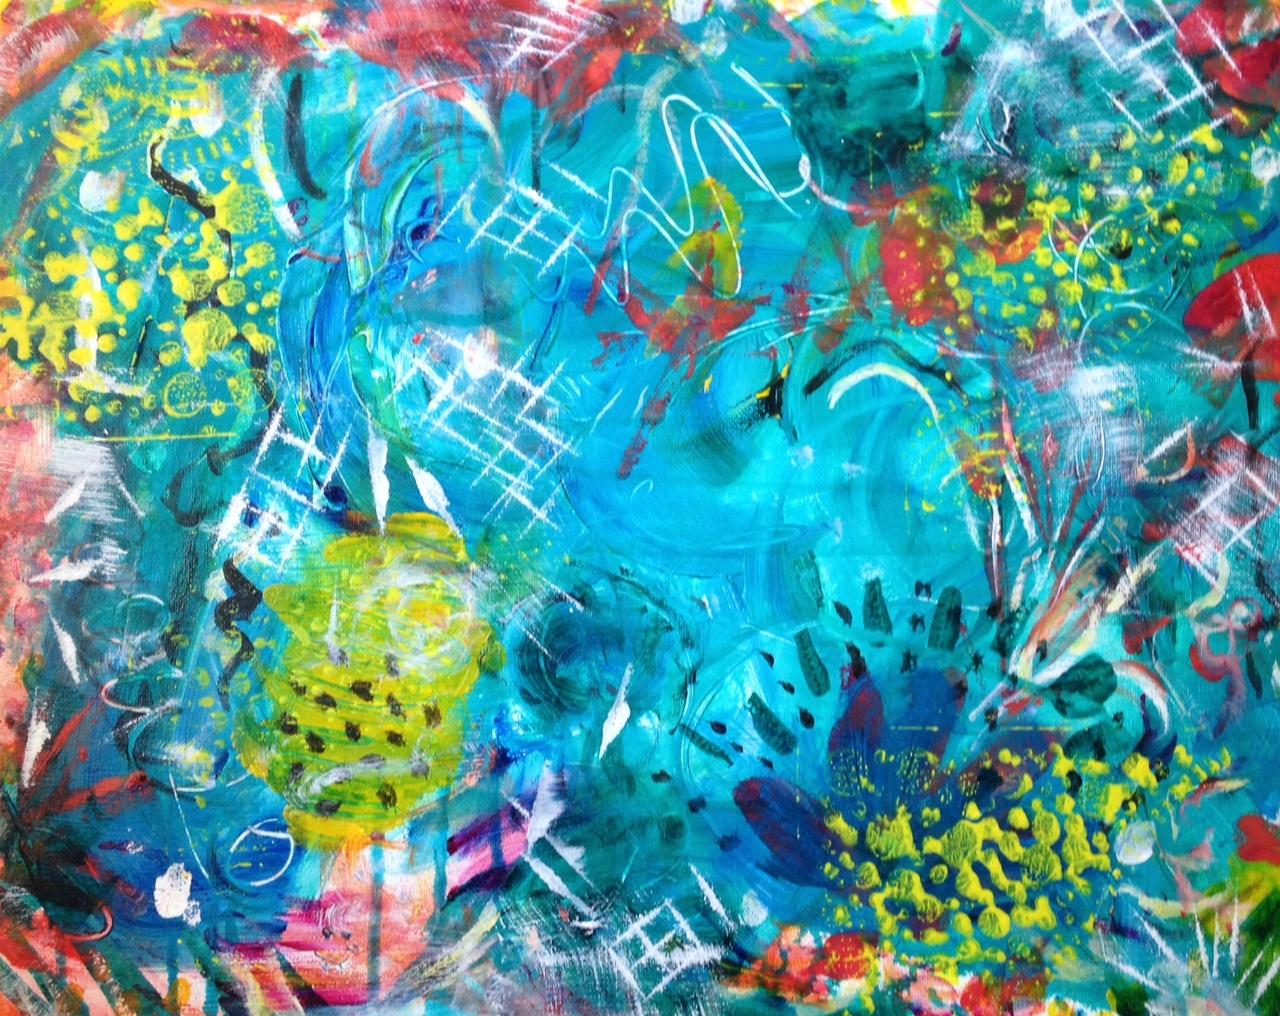 Undersea Soirée, acrylic on canvas © paula boyd farrington 2014